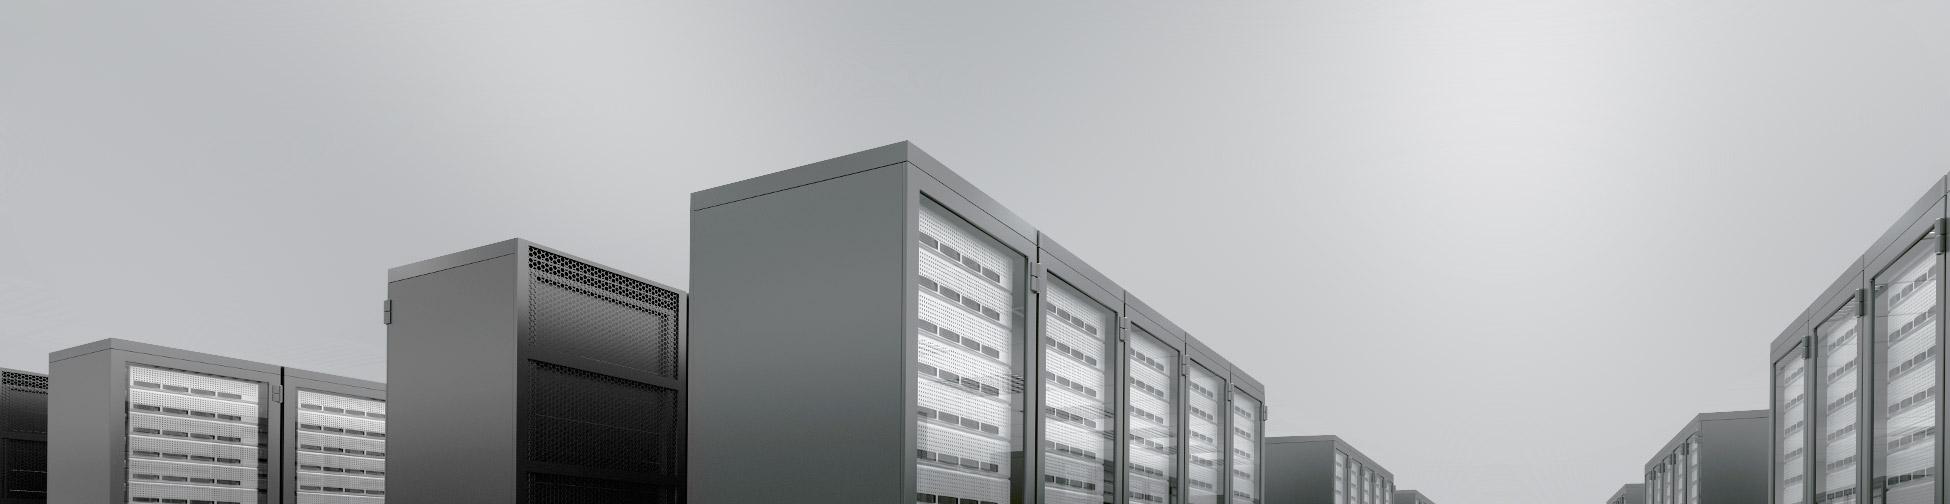 datacentrum1